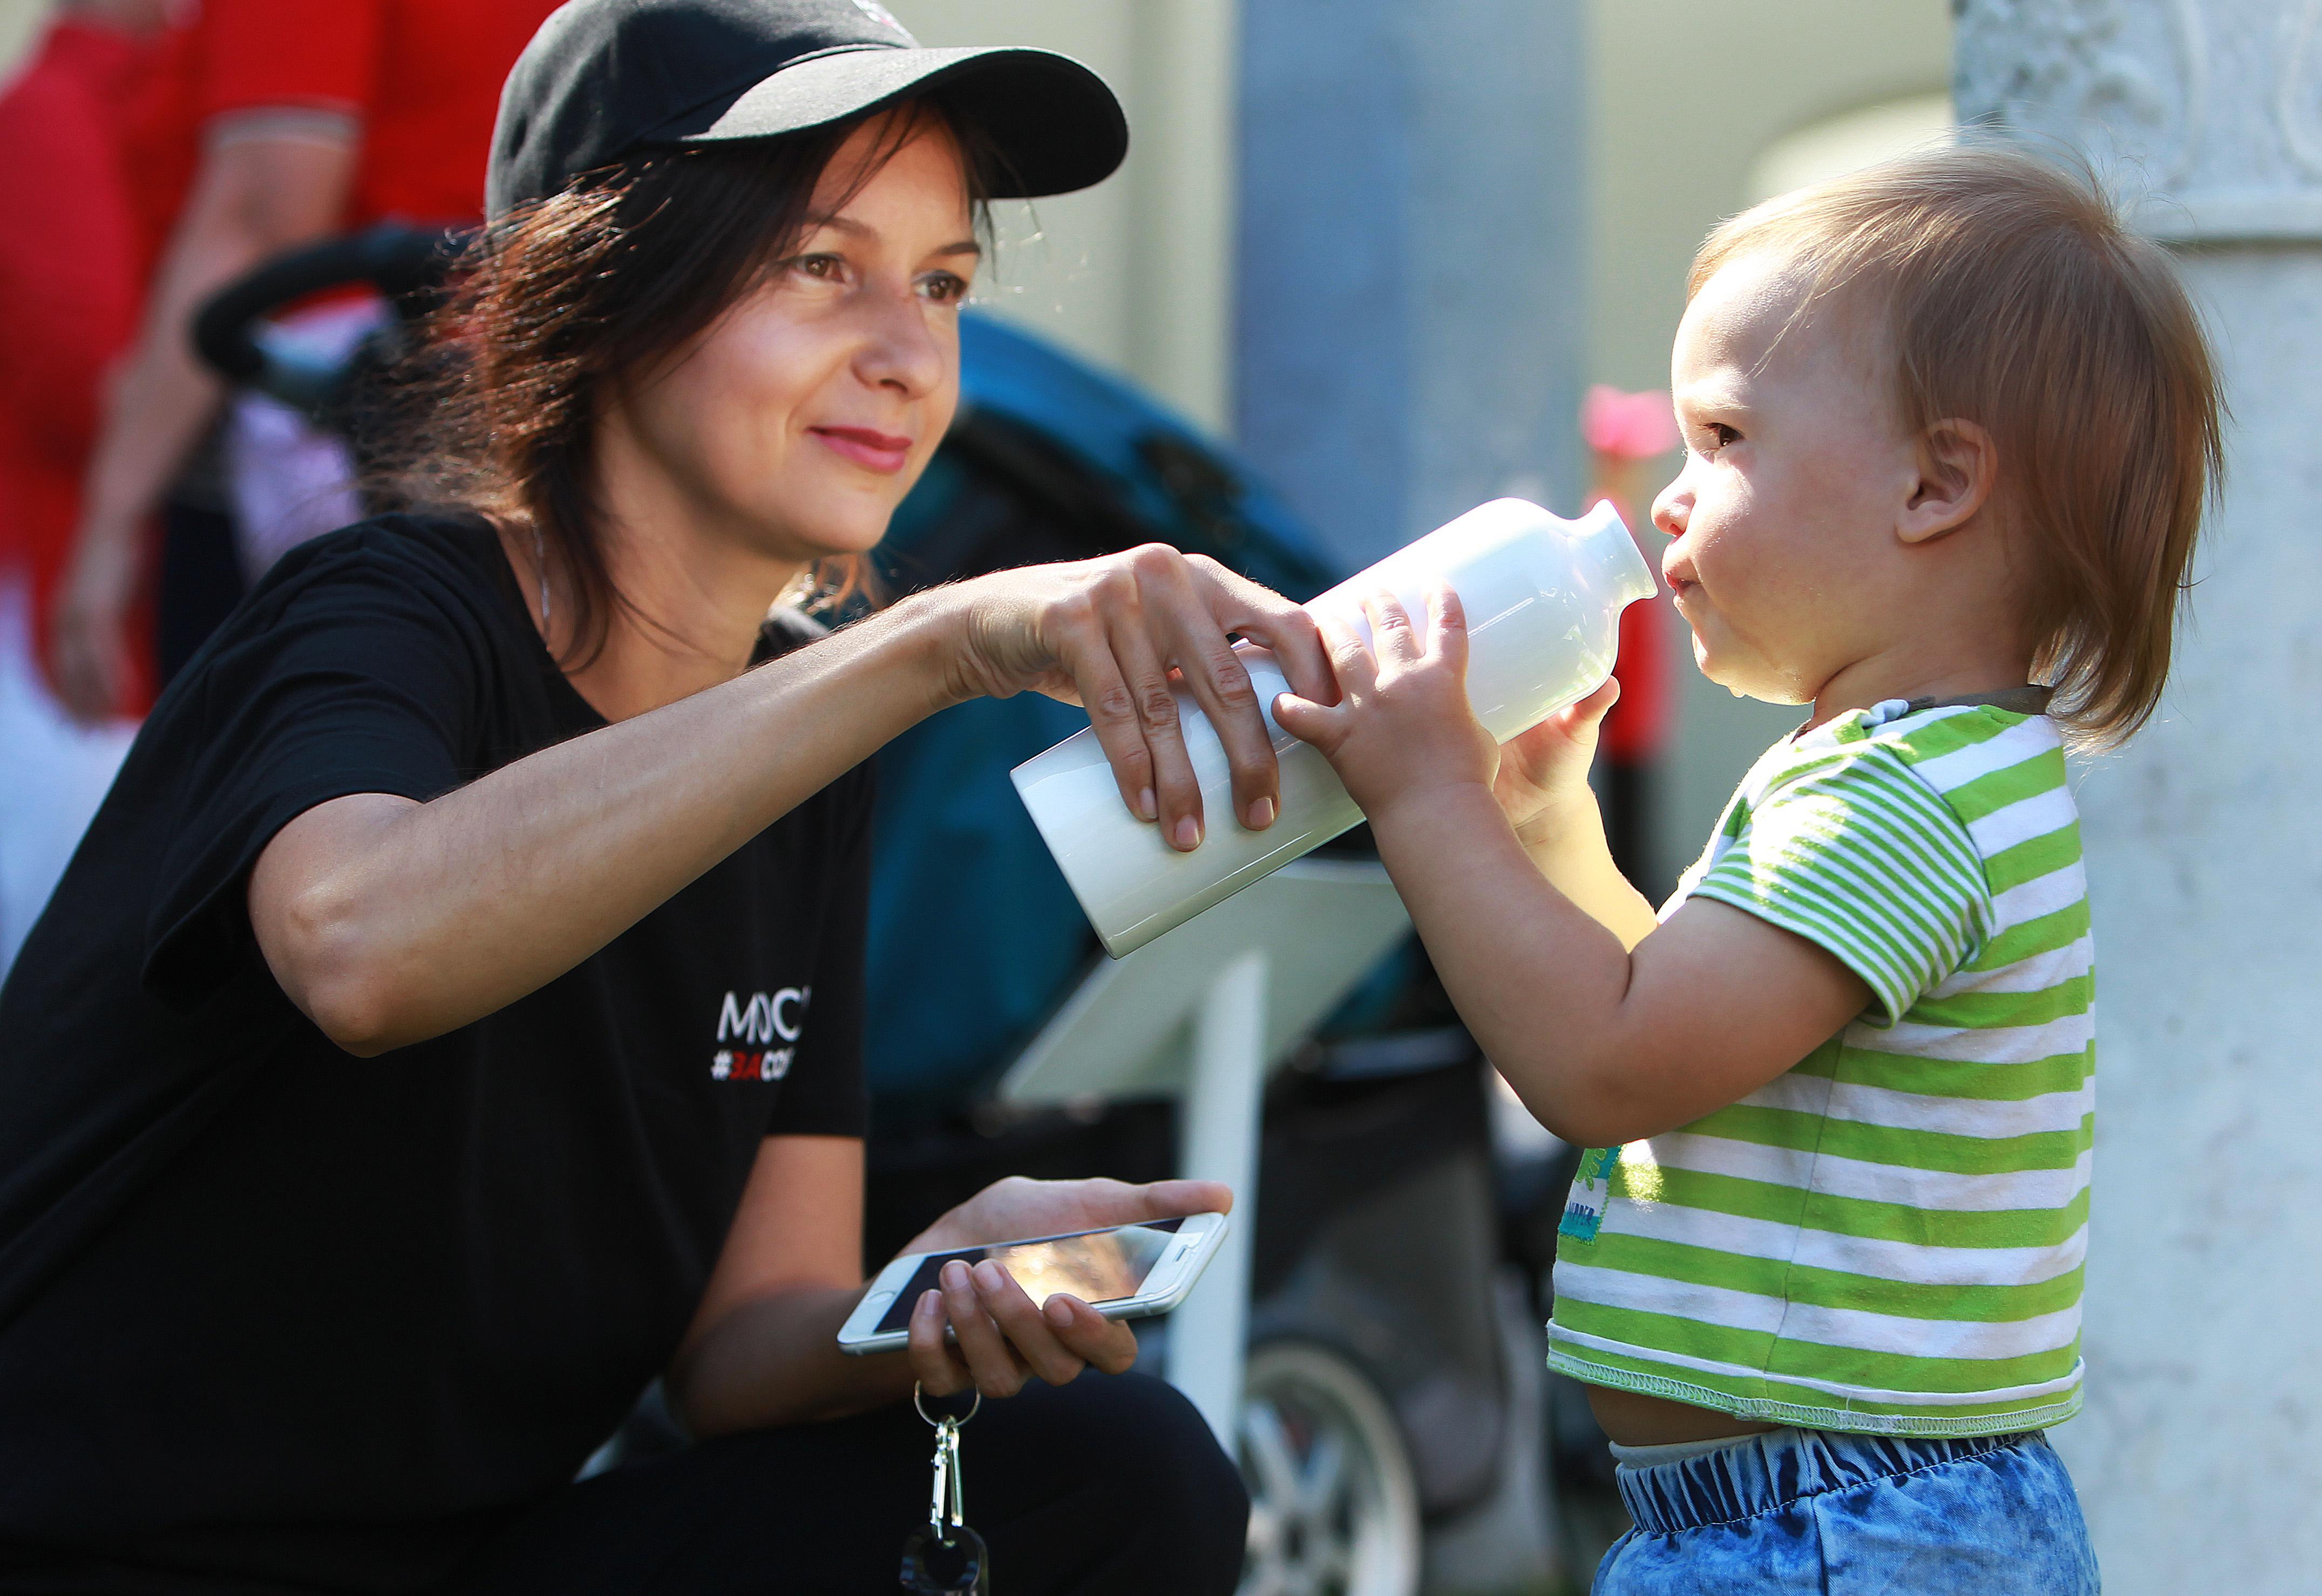 Более 300 москвичей ежемесячно получают питание в молочно-раздаточных пунктах